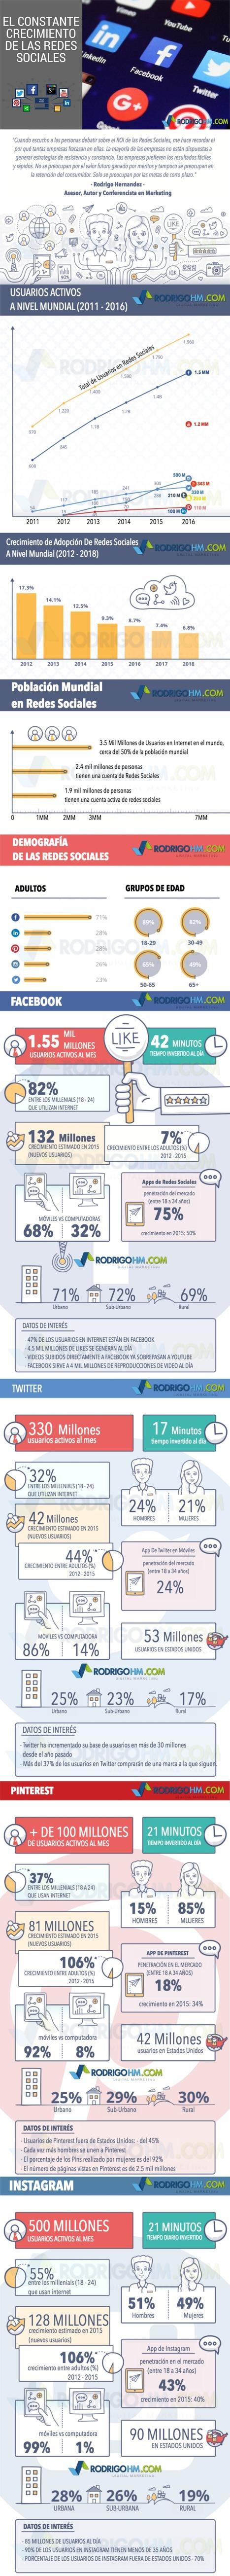 El constante crecimiento de las Redes Sociales #infografia #infographic #socialmedia | COMUNICACIONES DIGITALES | Scoop.it